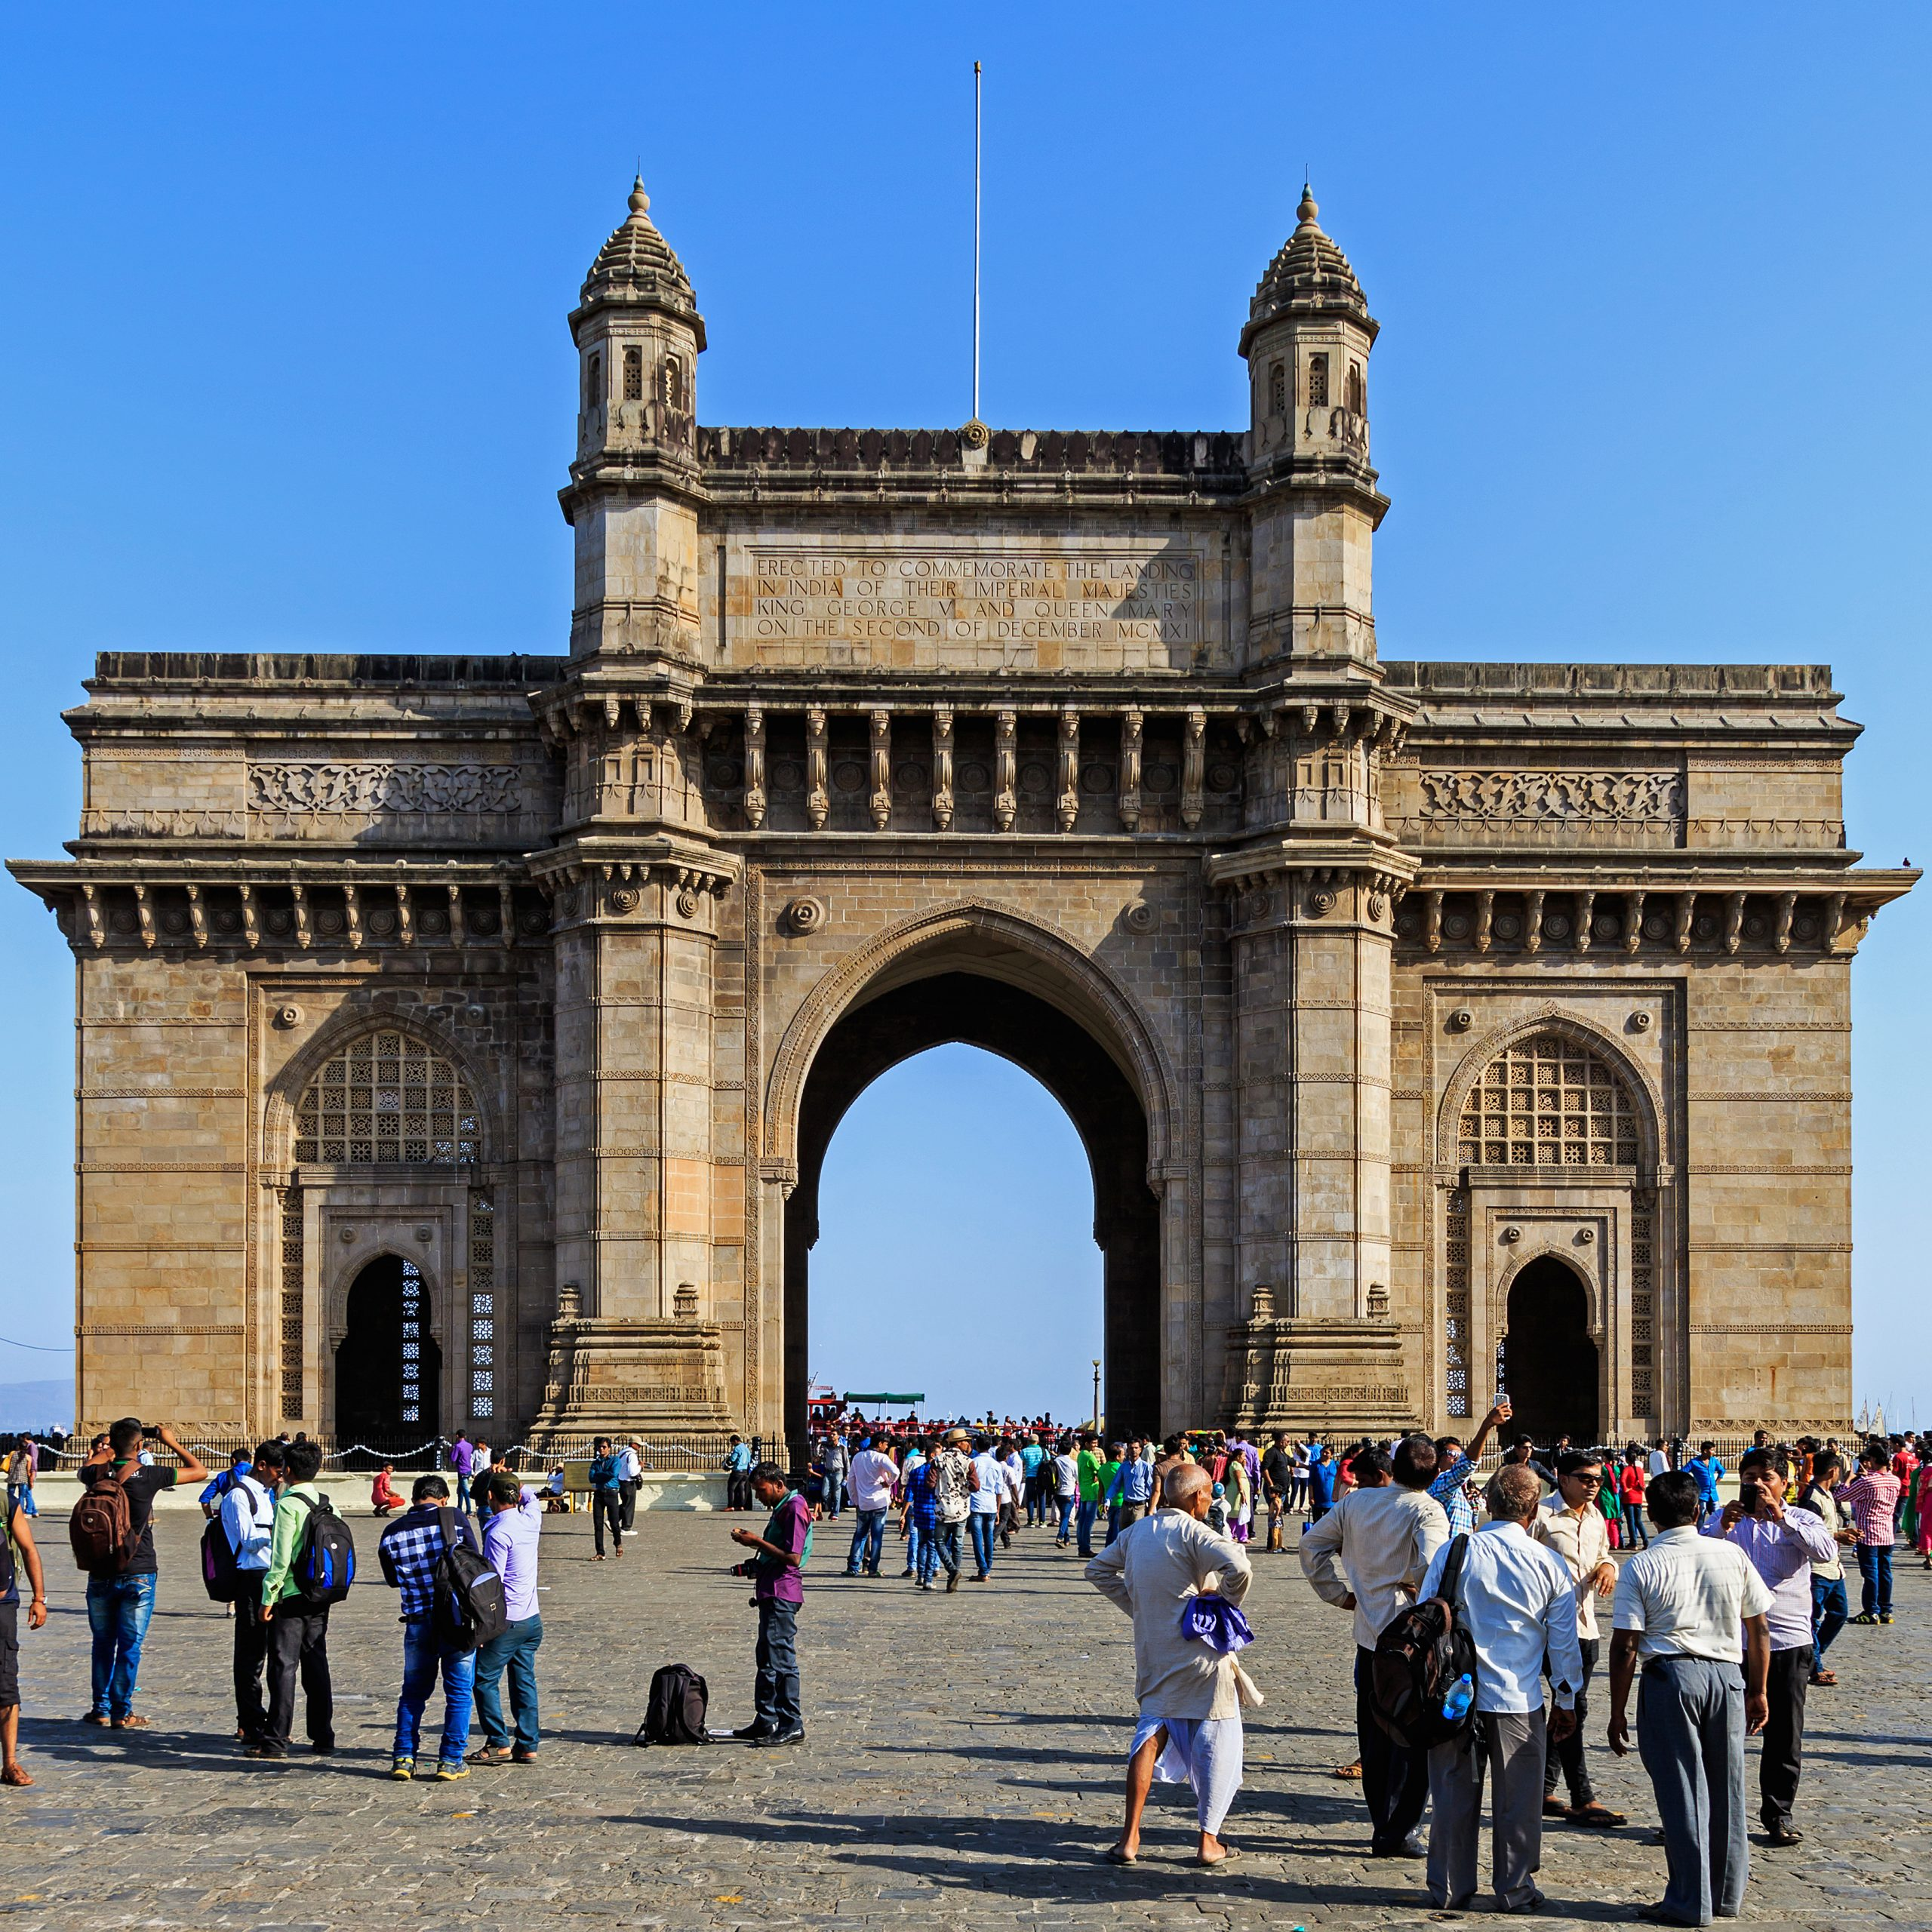 Gateway of India - Famous Place To Visit Near Babu Amichand Panalal Adishwarji Temple